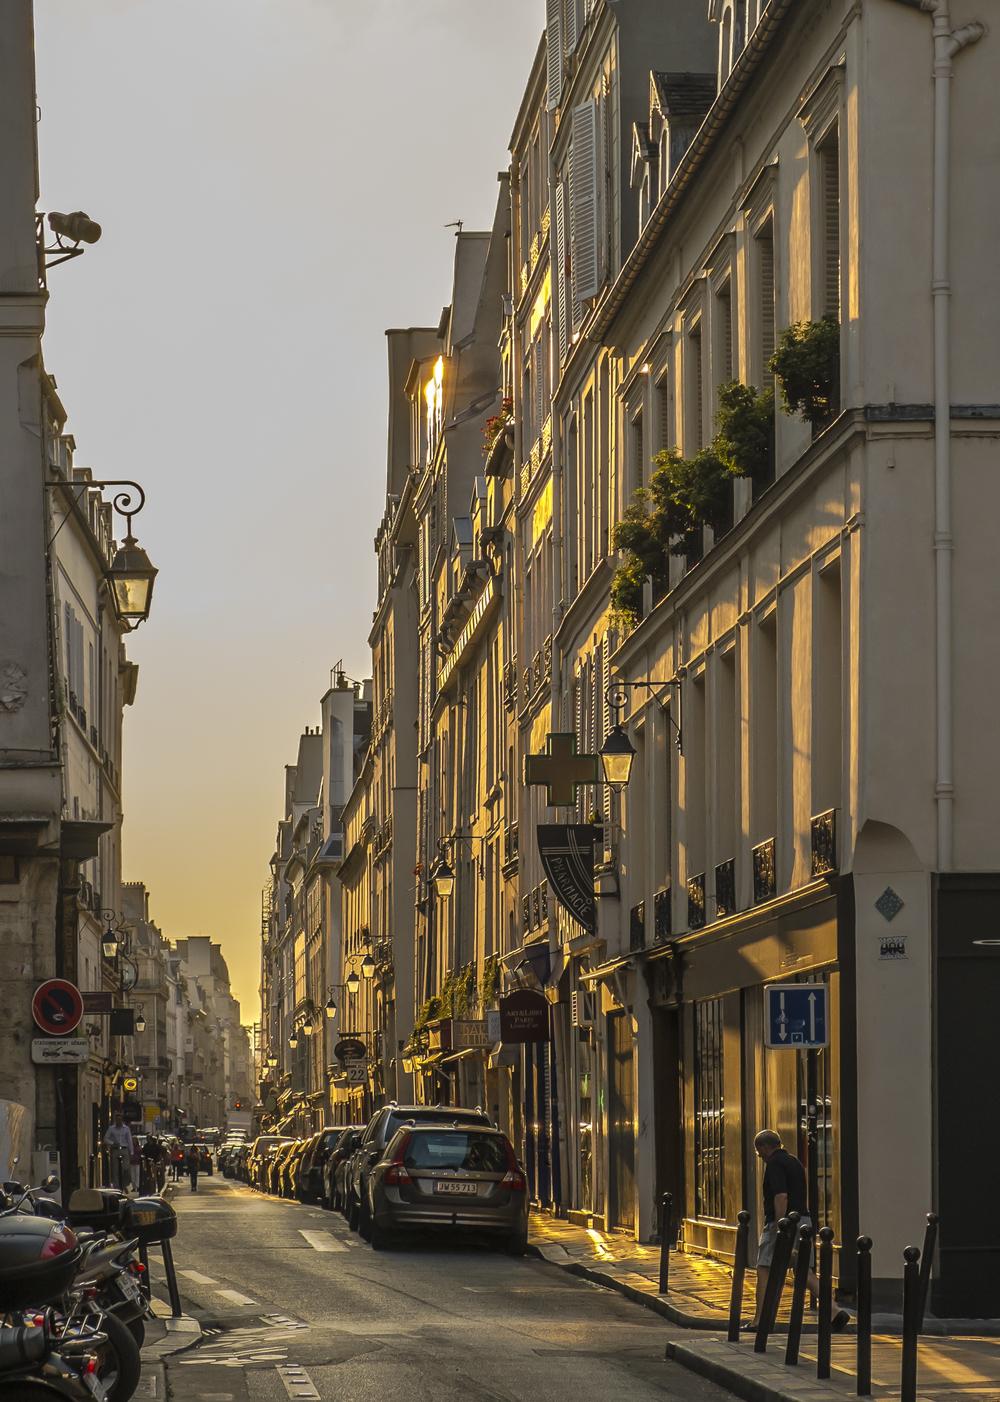 Paris-GoldenGlow-20130706-DSCF3486.jpg